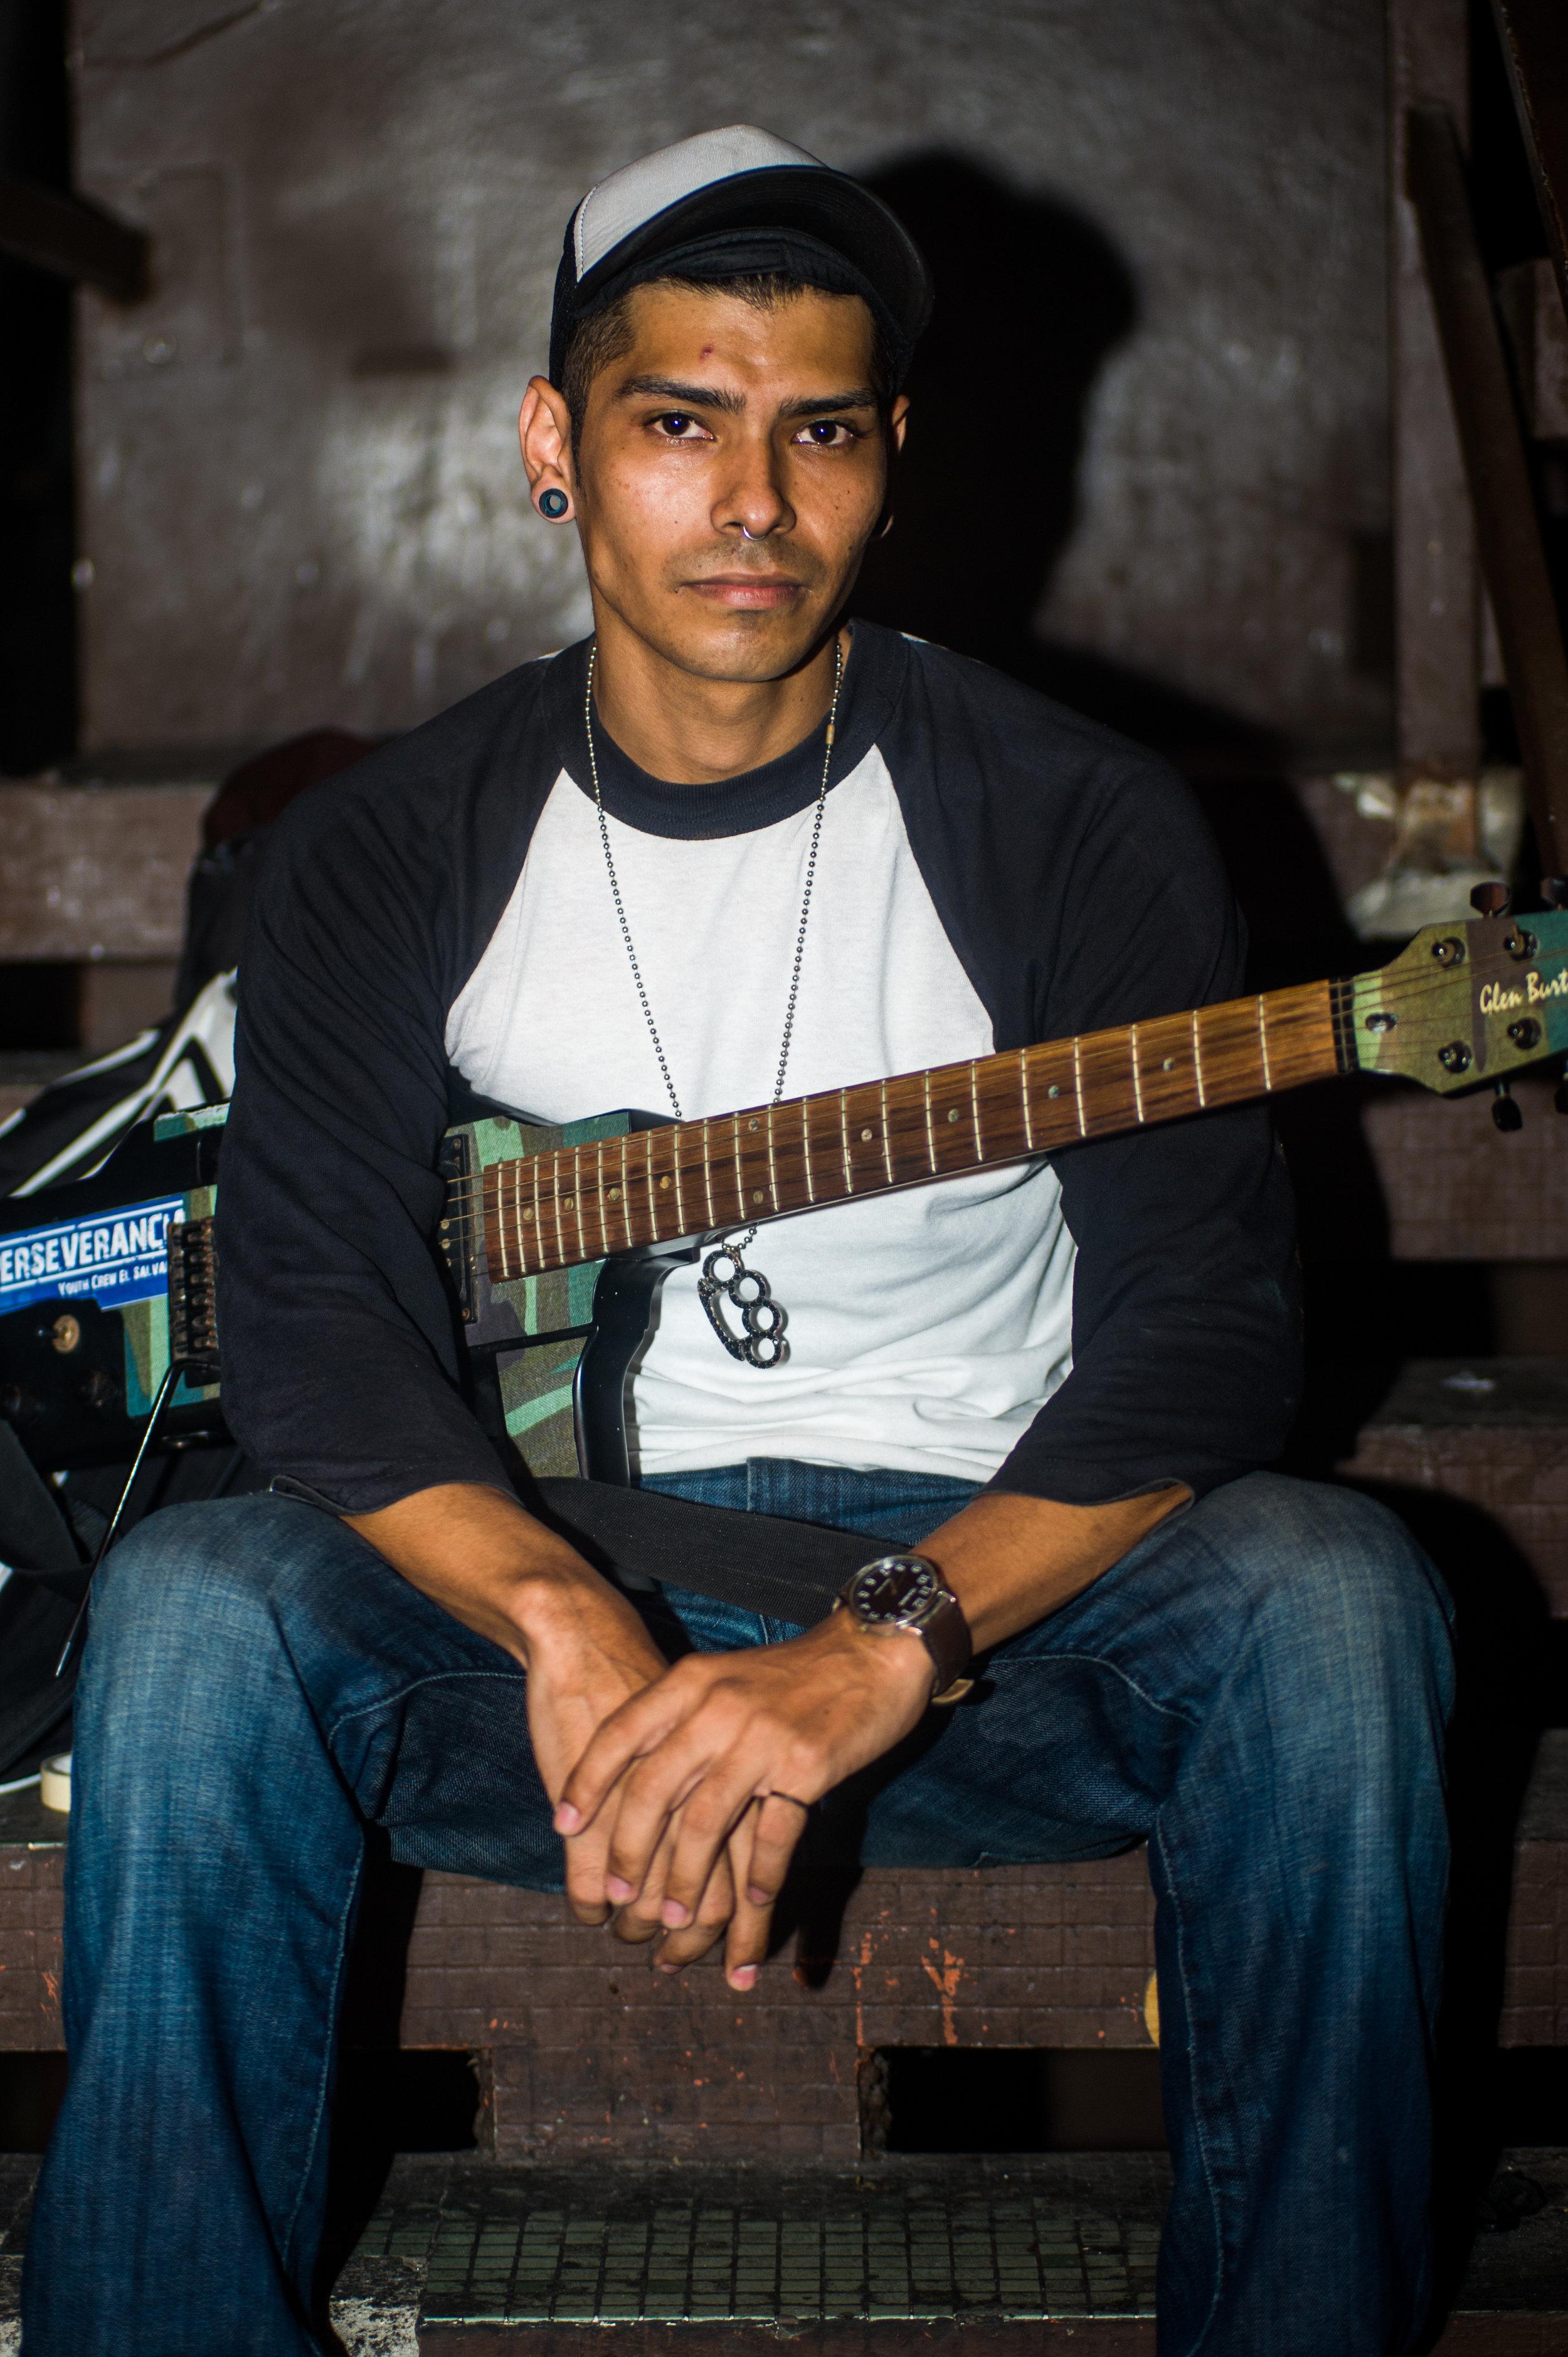 Retratados, los miembros de la banda Rendirse Jamas, quienes aportaron a este articulo con una entrevista. Foto: La Crónica SV/Camilo Freedman